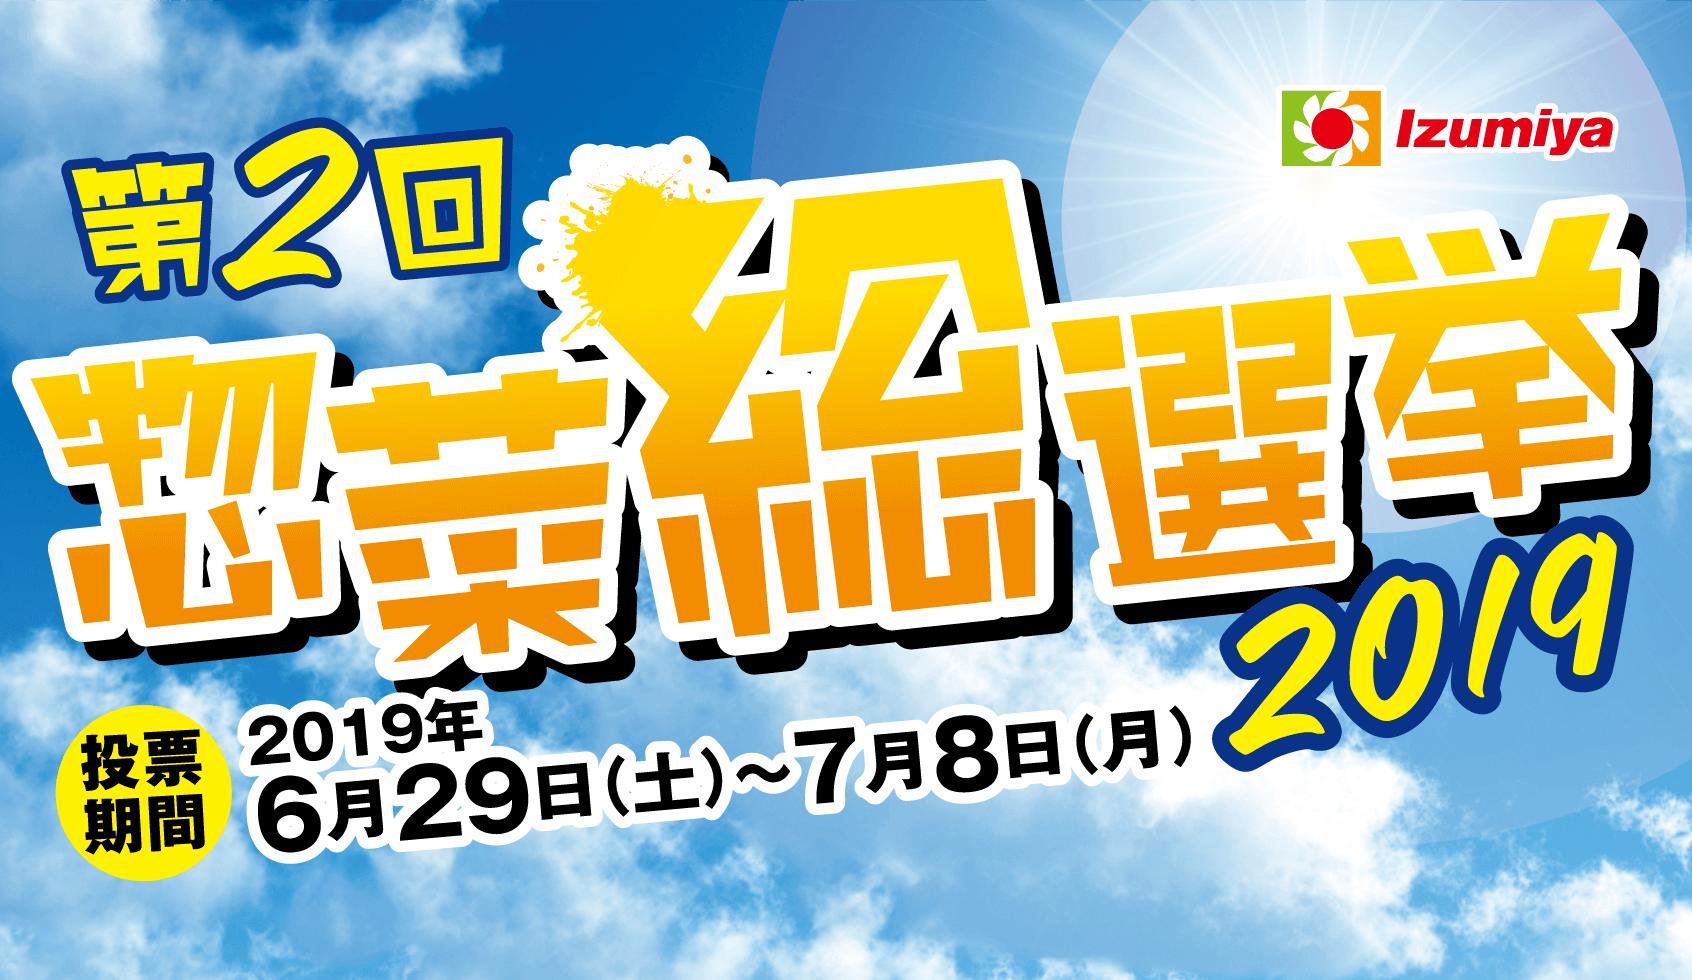 惣菜総選挙